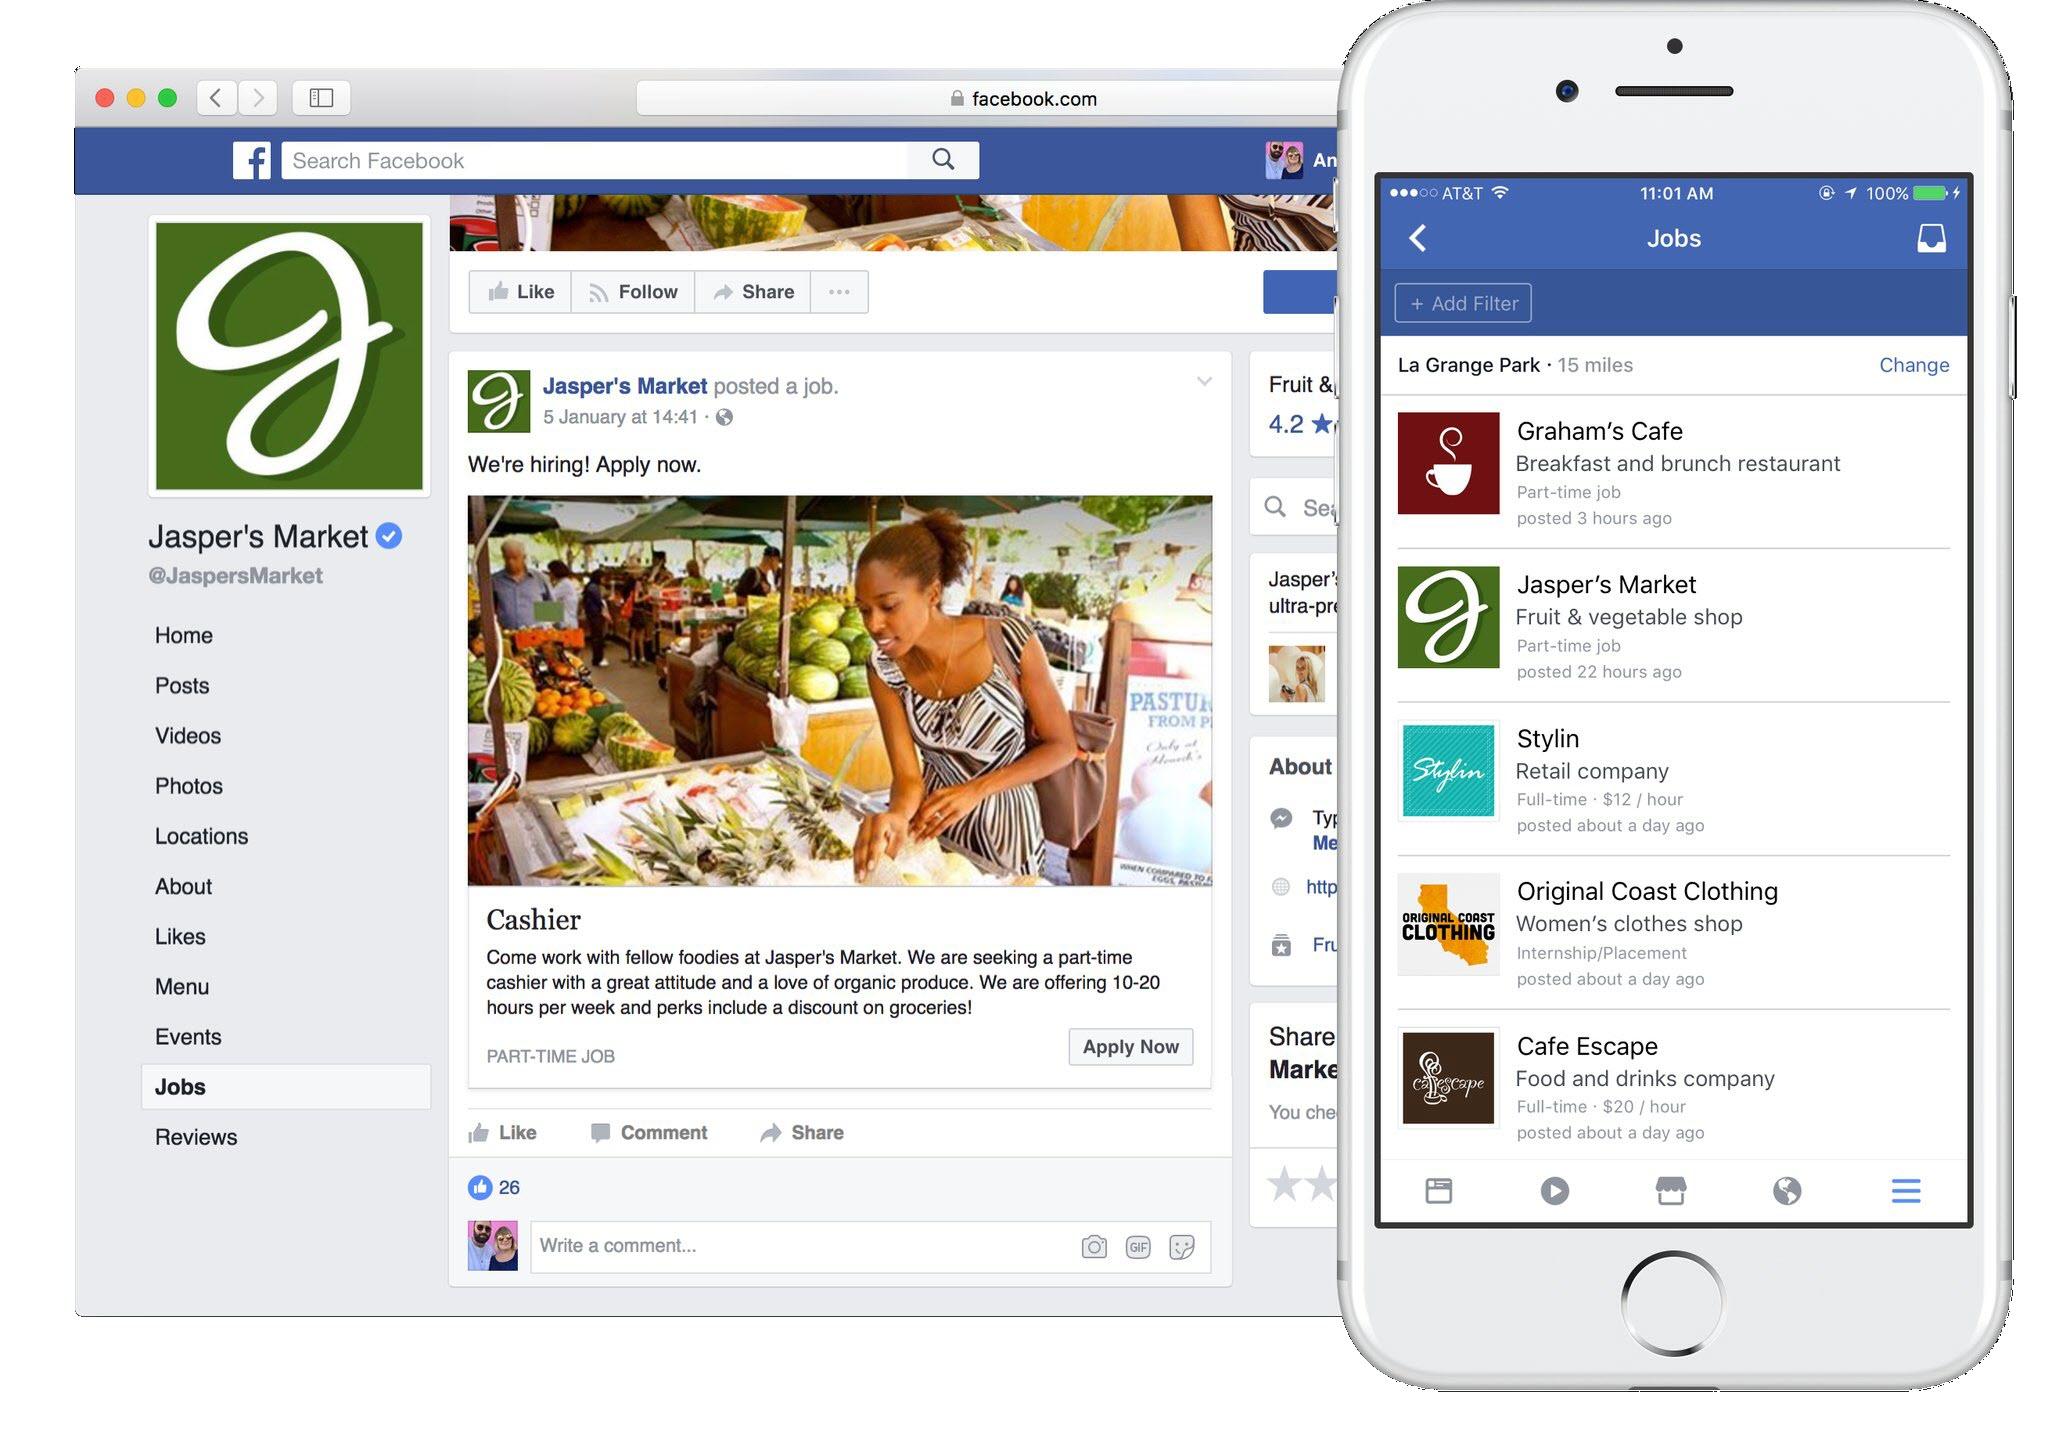 Интерфейс утилиты для поиска работы в Facebook